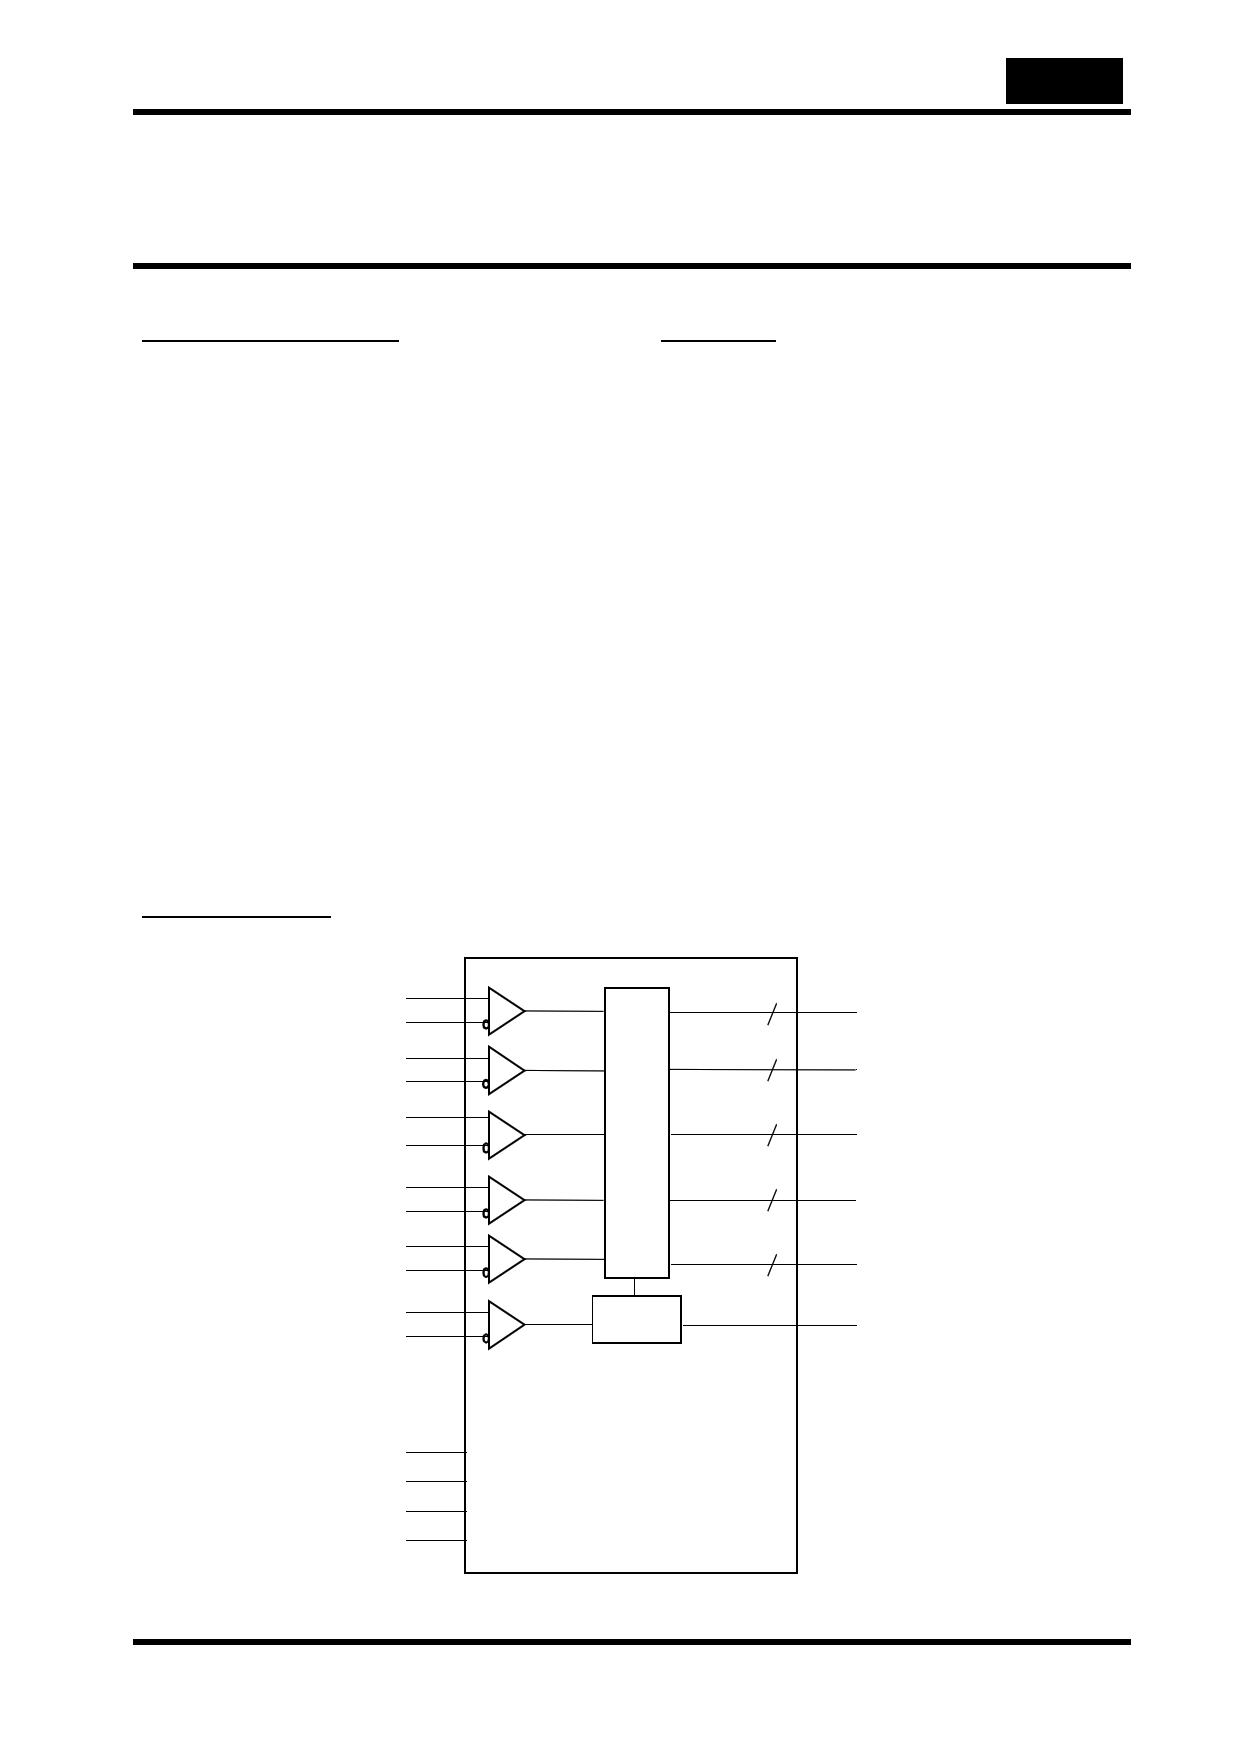 THC63LVD104A datasheet